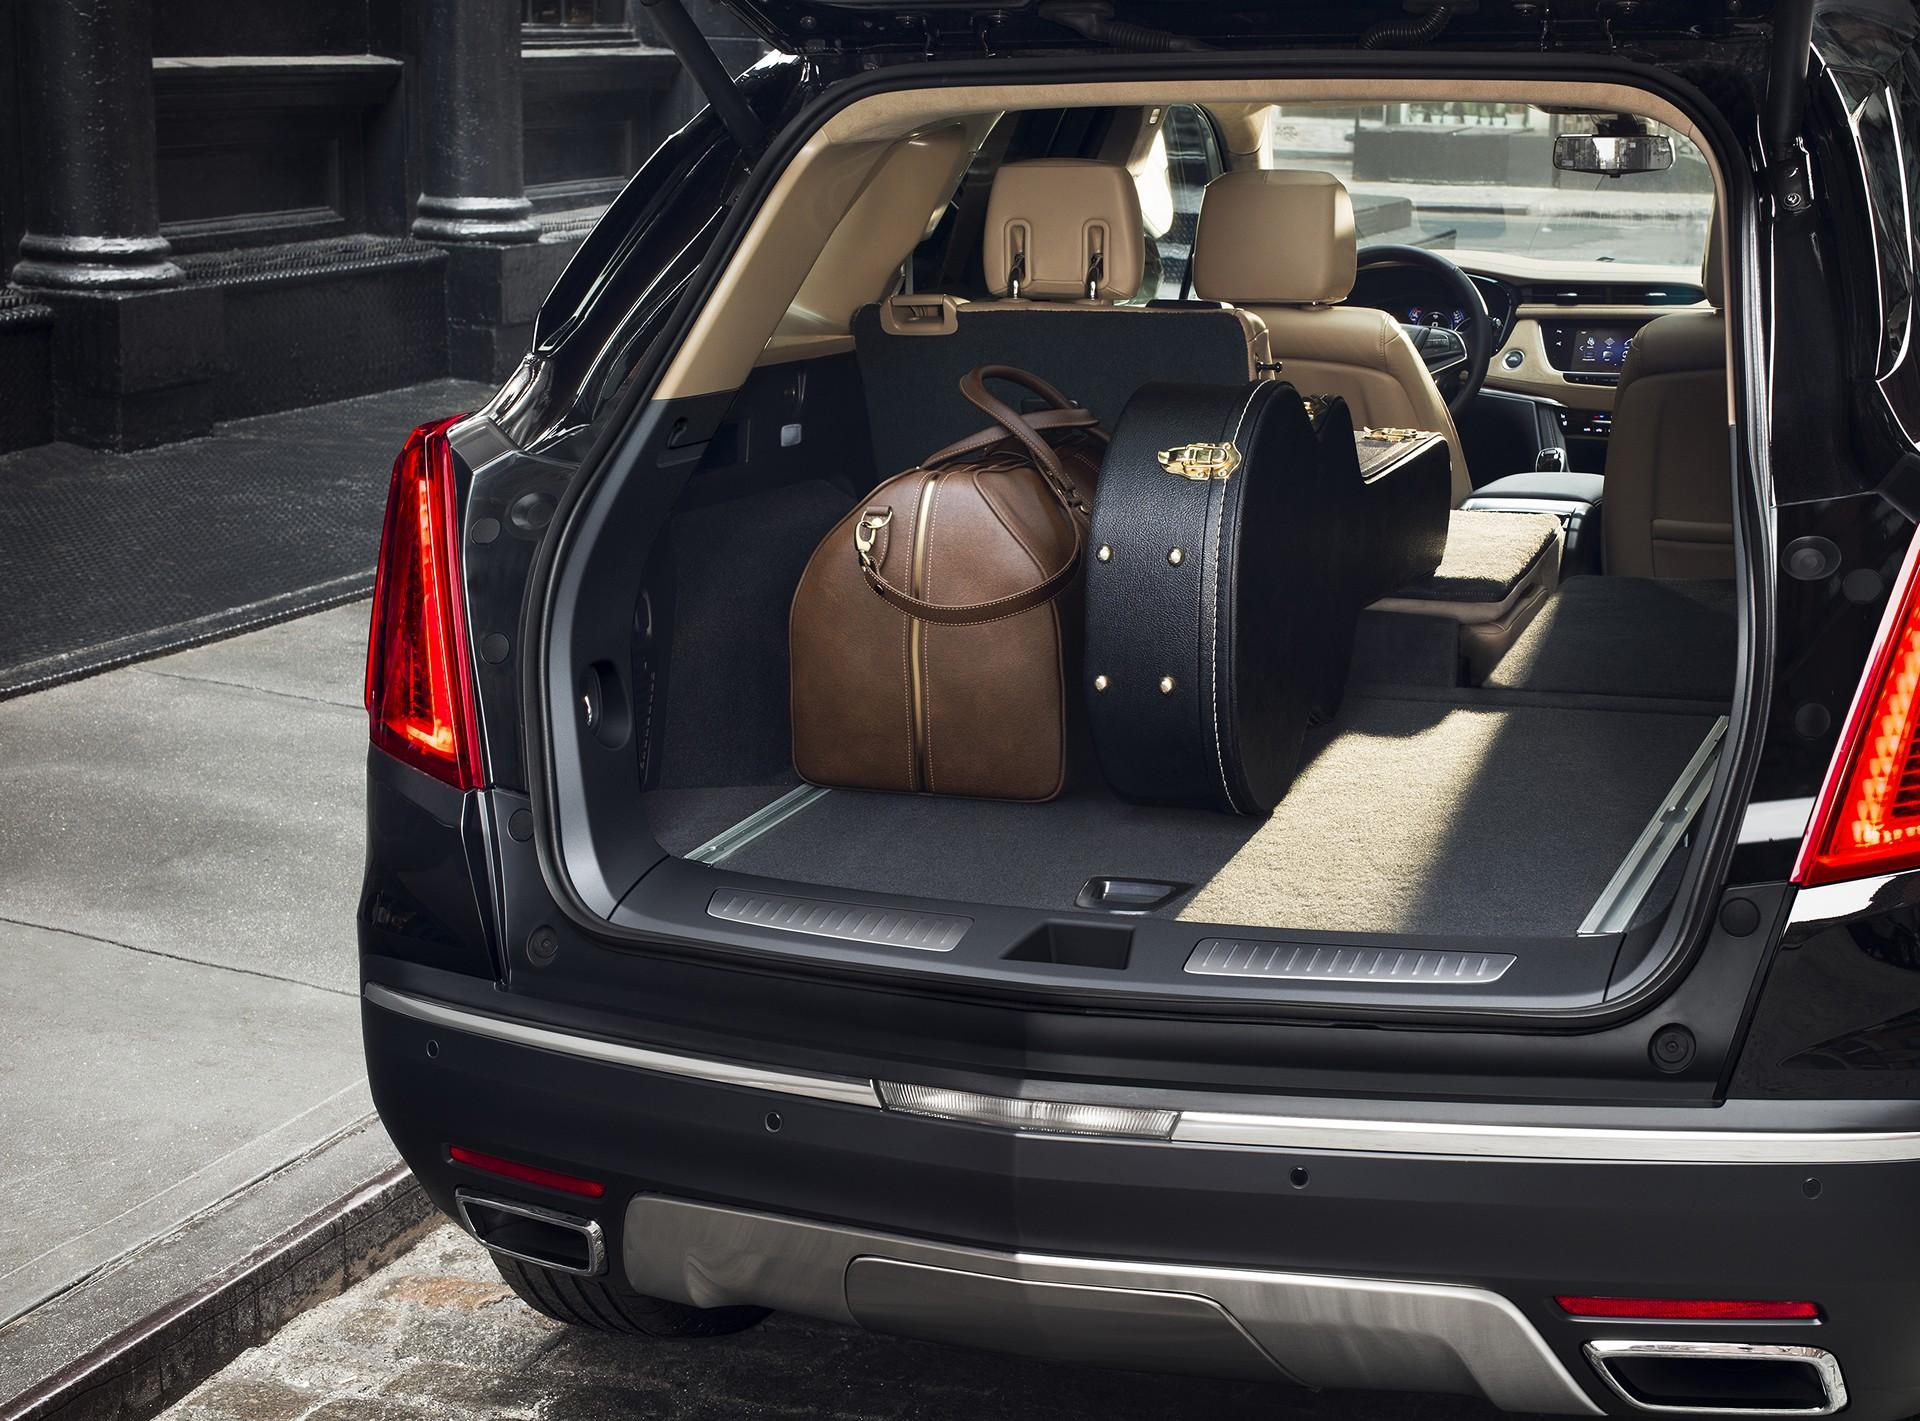 2017 Xt5 Cadillac >> 2017 Cadillac XT5 Review - Carrrs Auto Portal